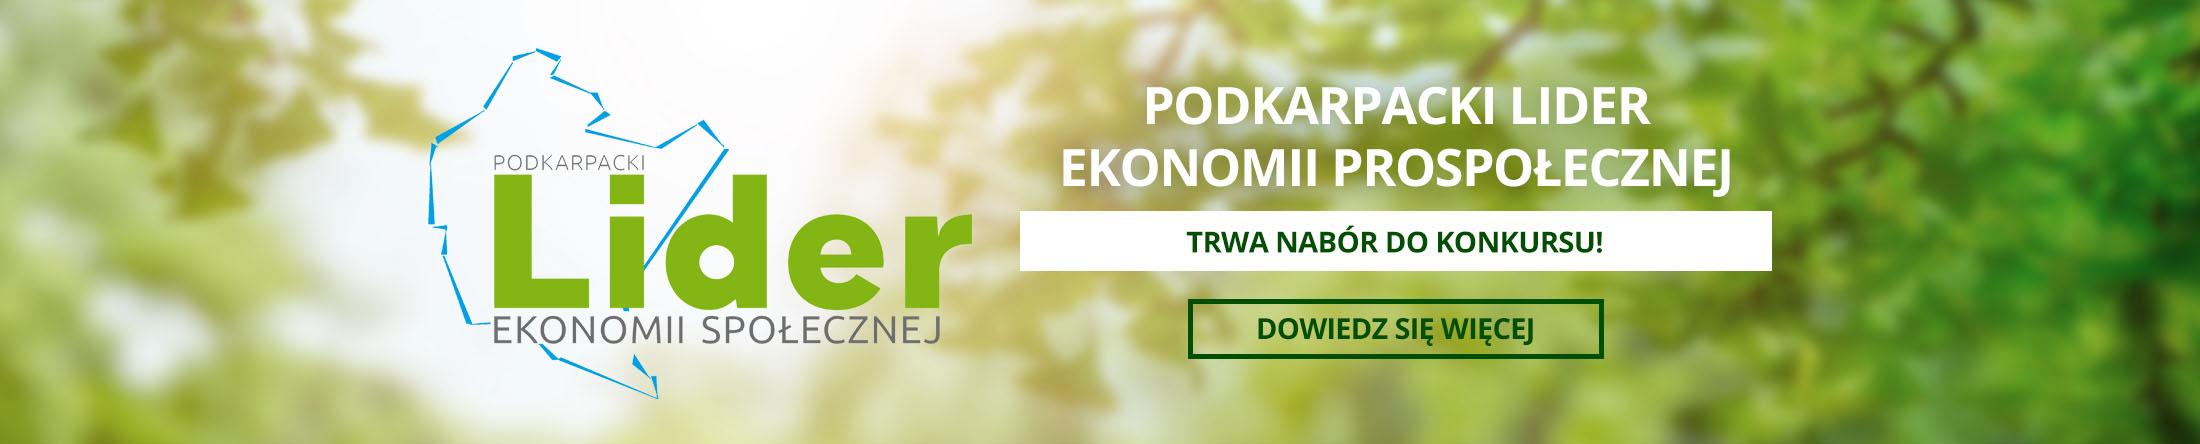 lider ekonomii społecznej